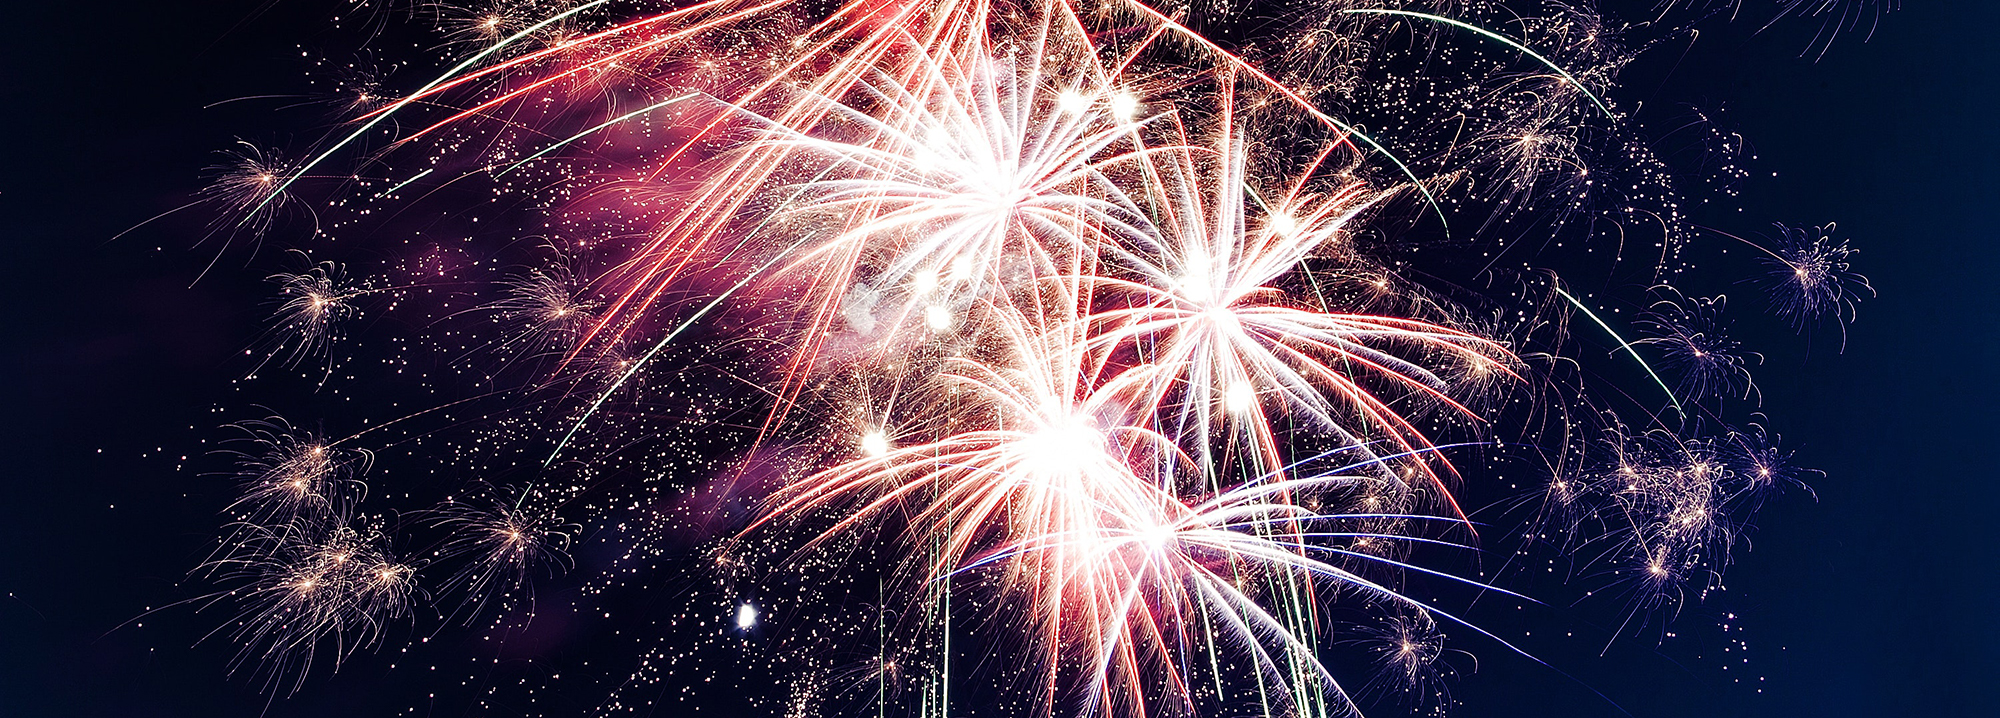 Feuerwerk bei Nacht